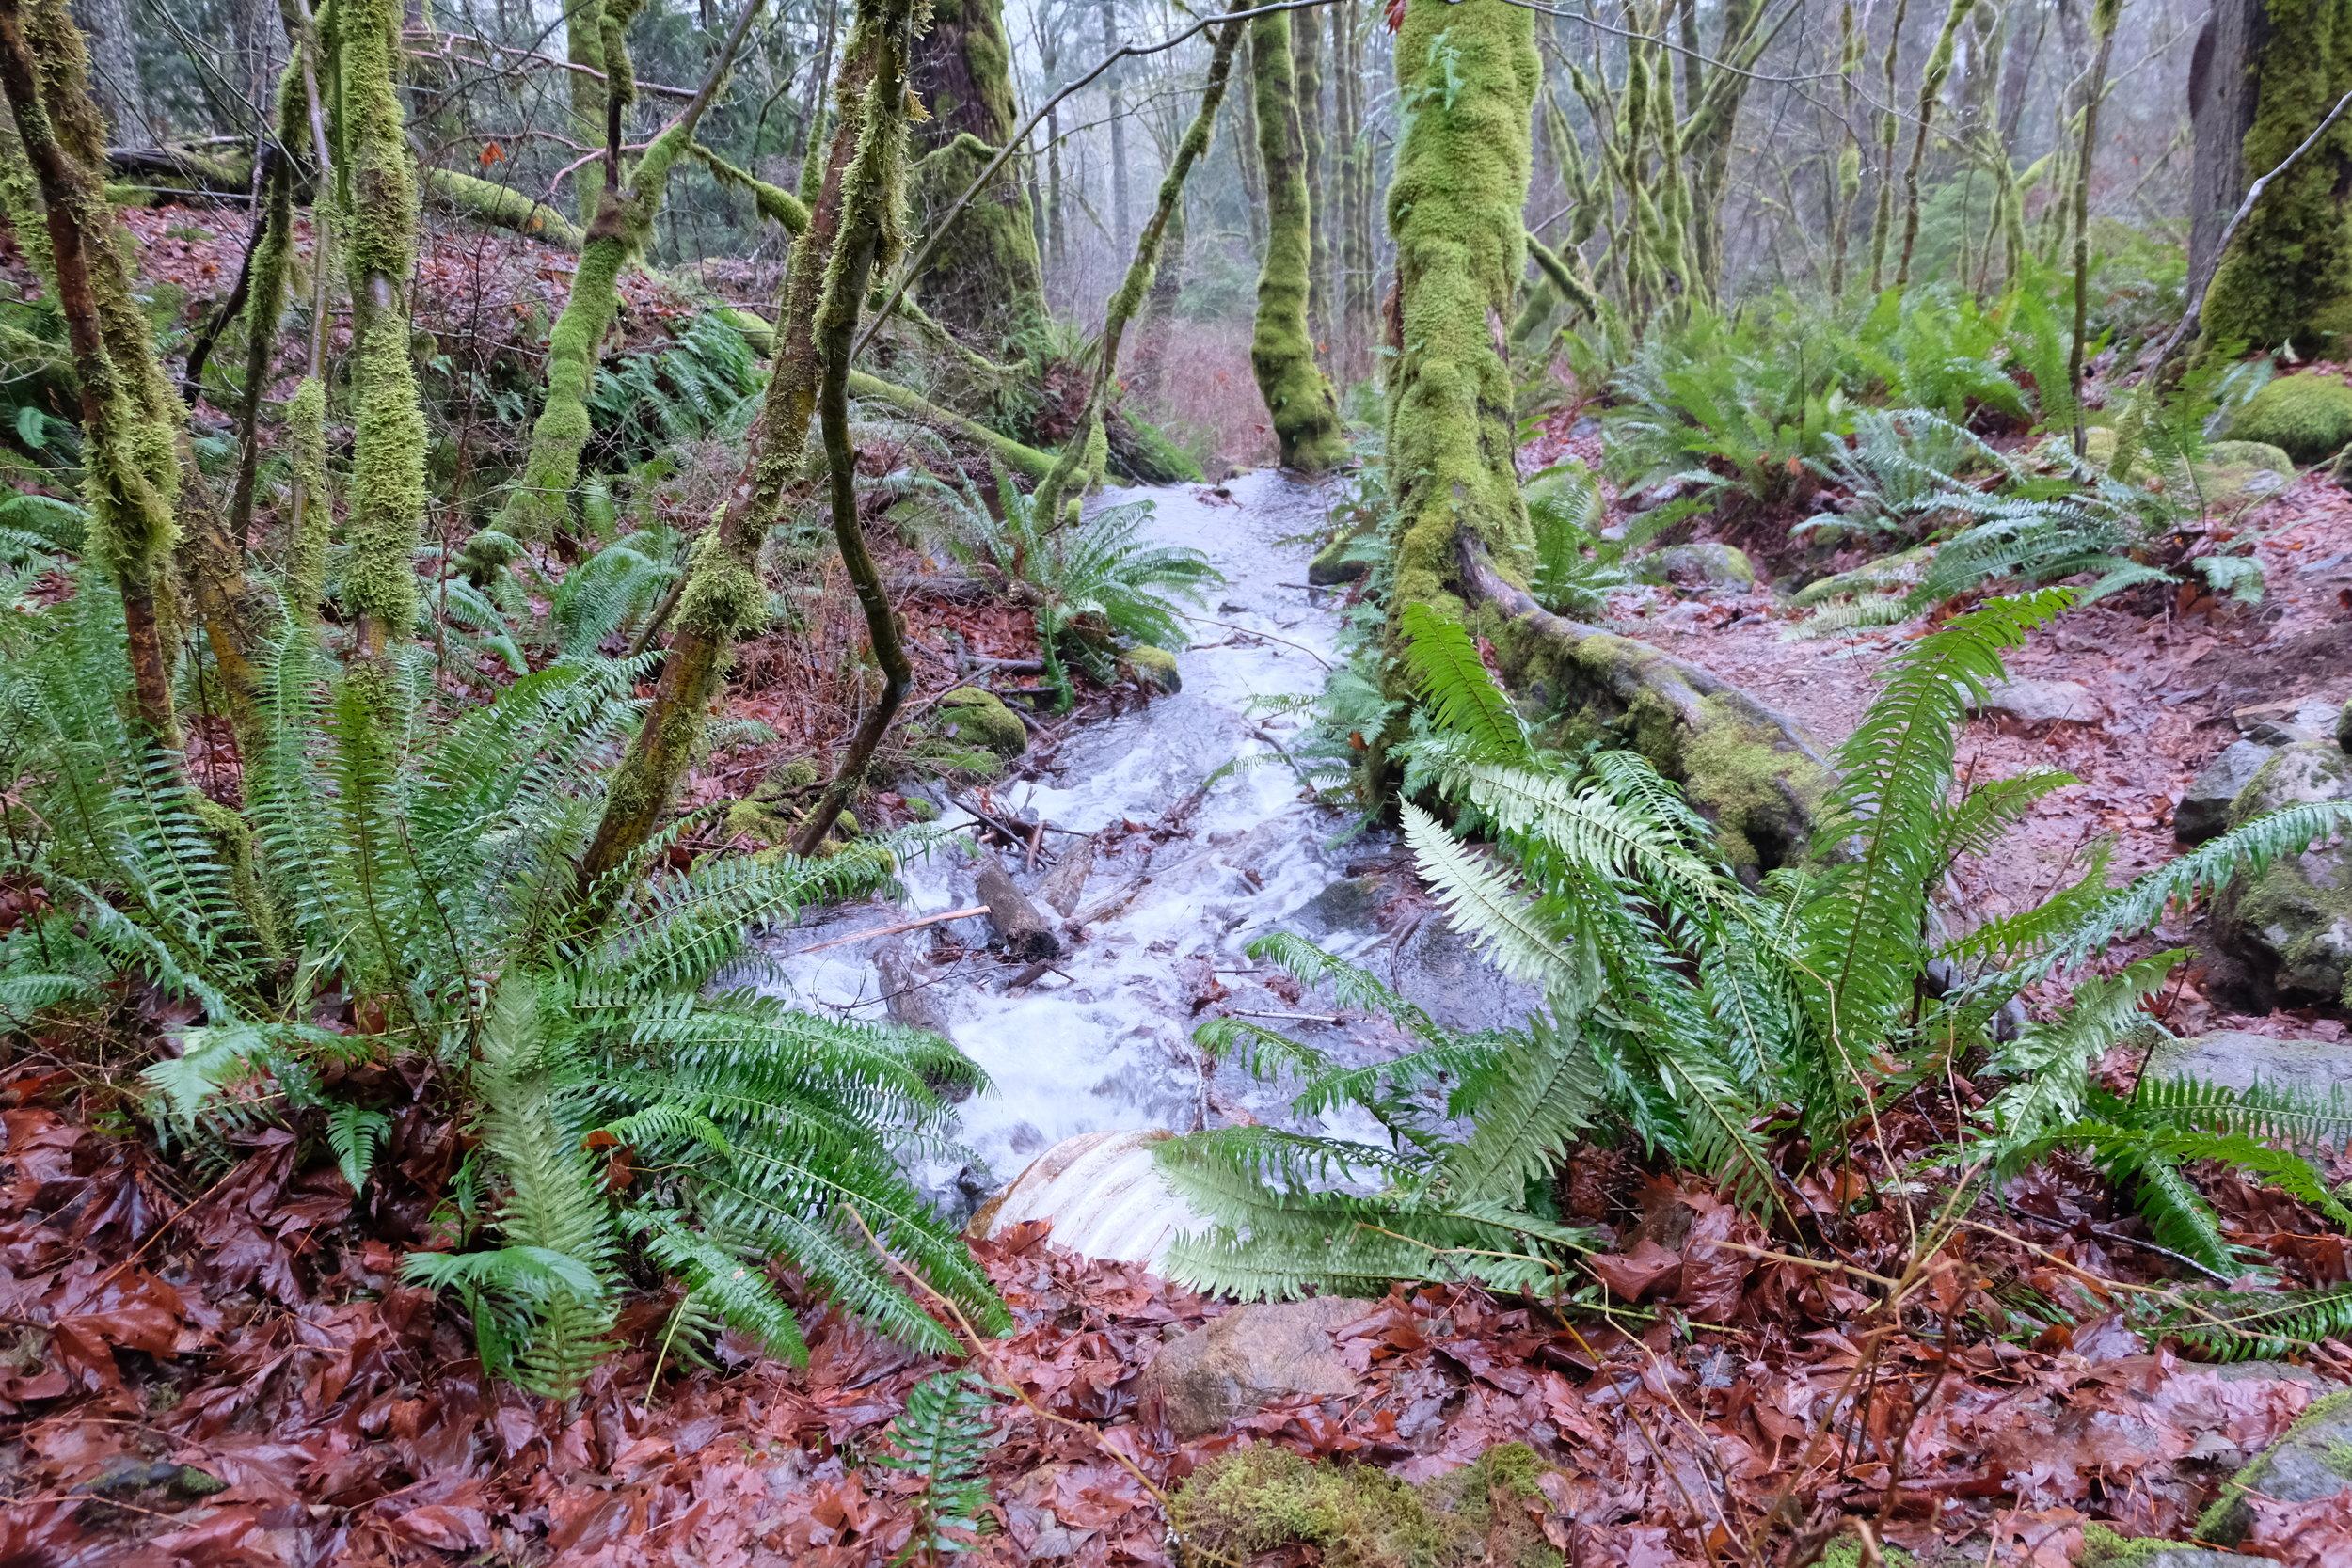 Little Si creek